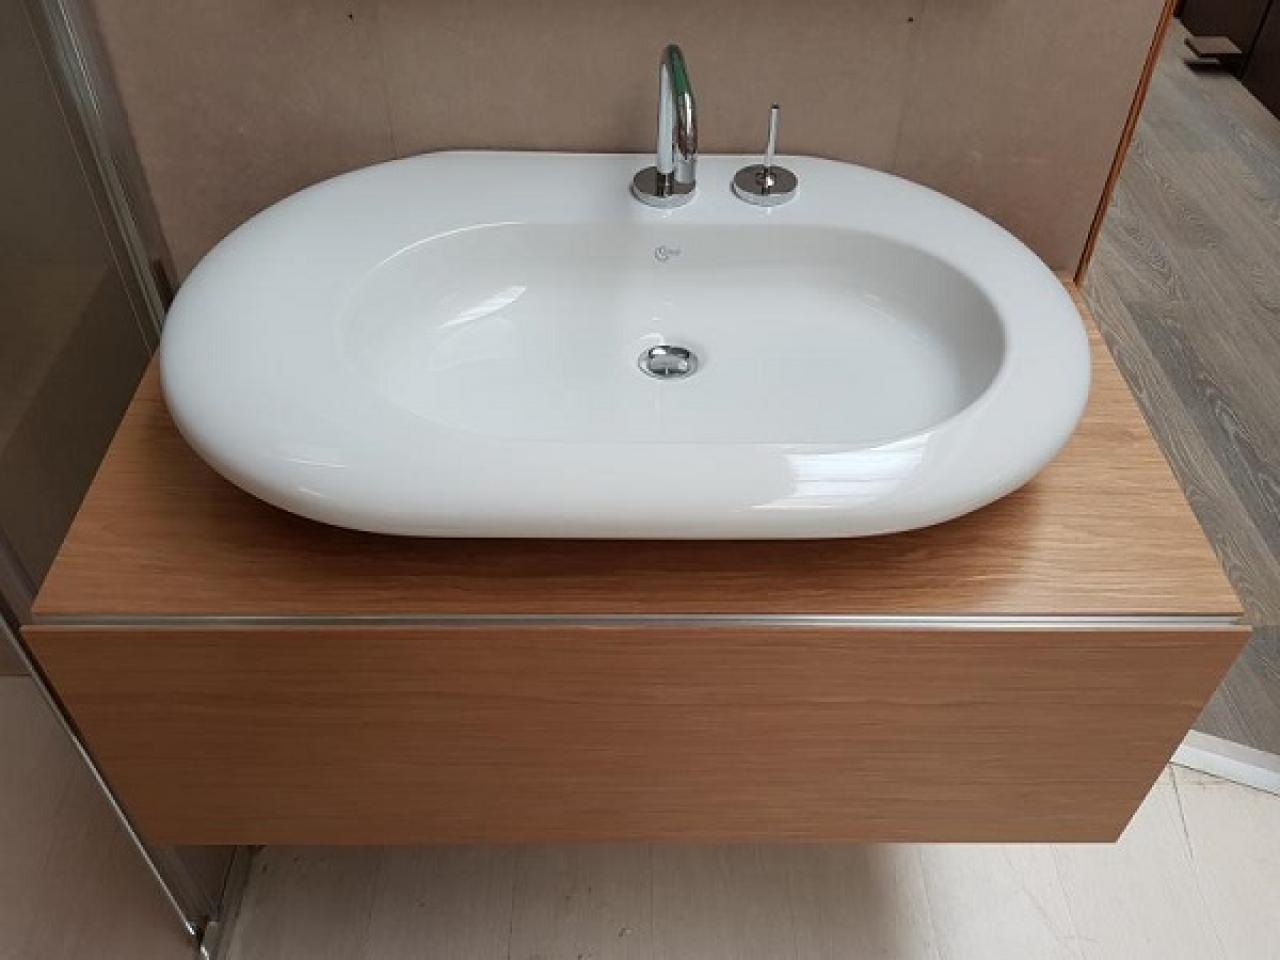 Lavandini Da Bagno Da Appoggio : Mobile bagno e lavabo da appoggio outlet a vicenza fratelli